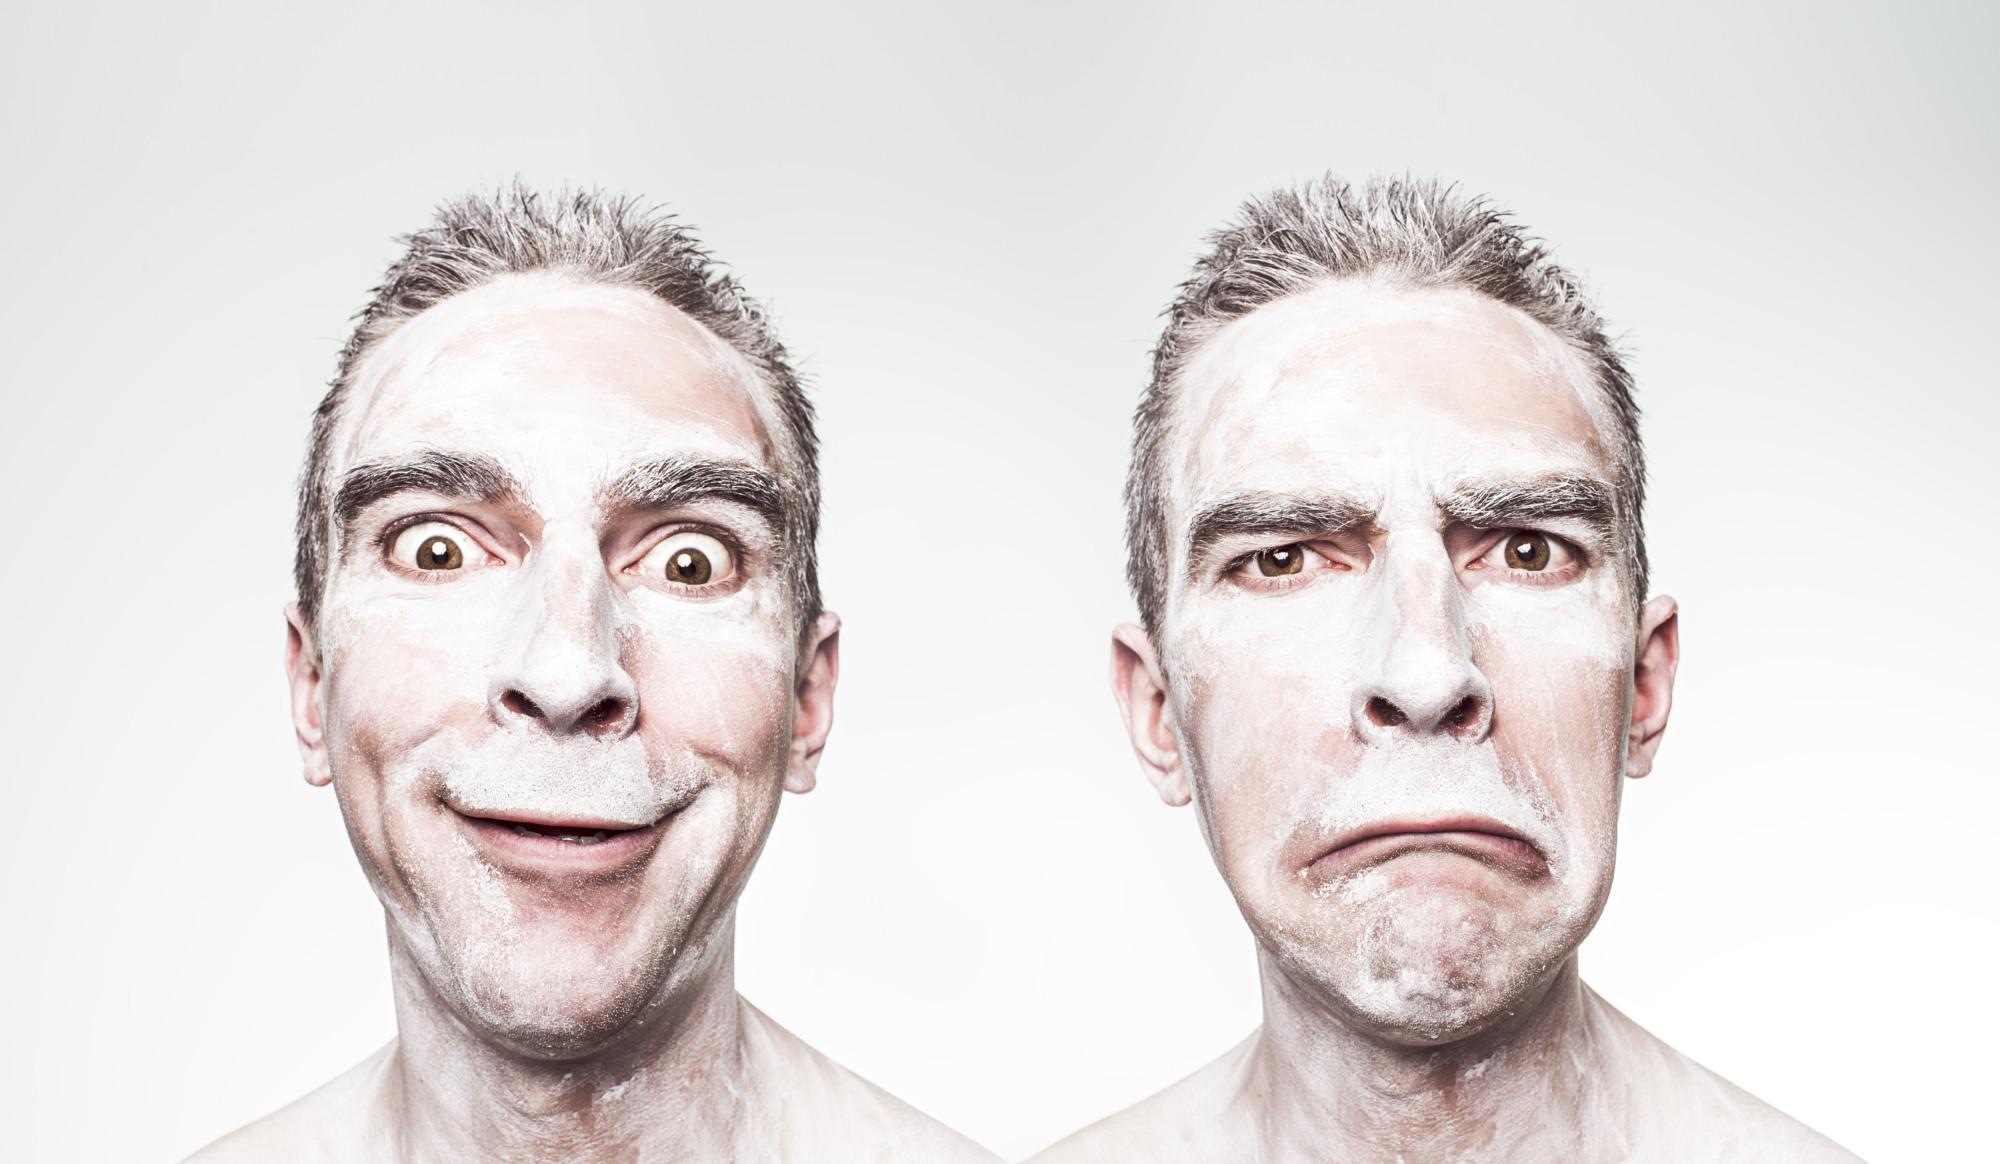 Ο έλεγχος των συναισθημάτων δεν είναι απαραίτητα καλός